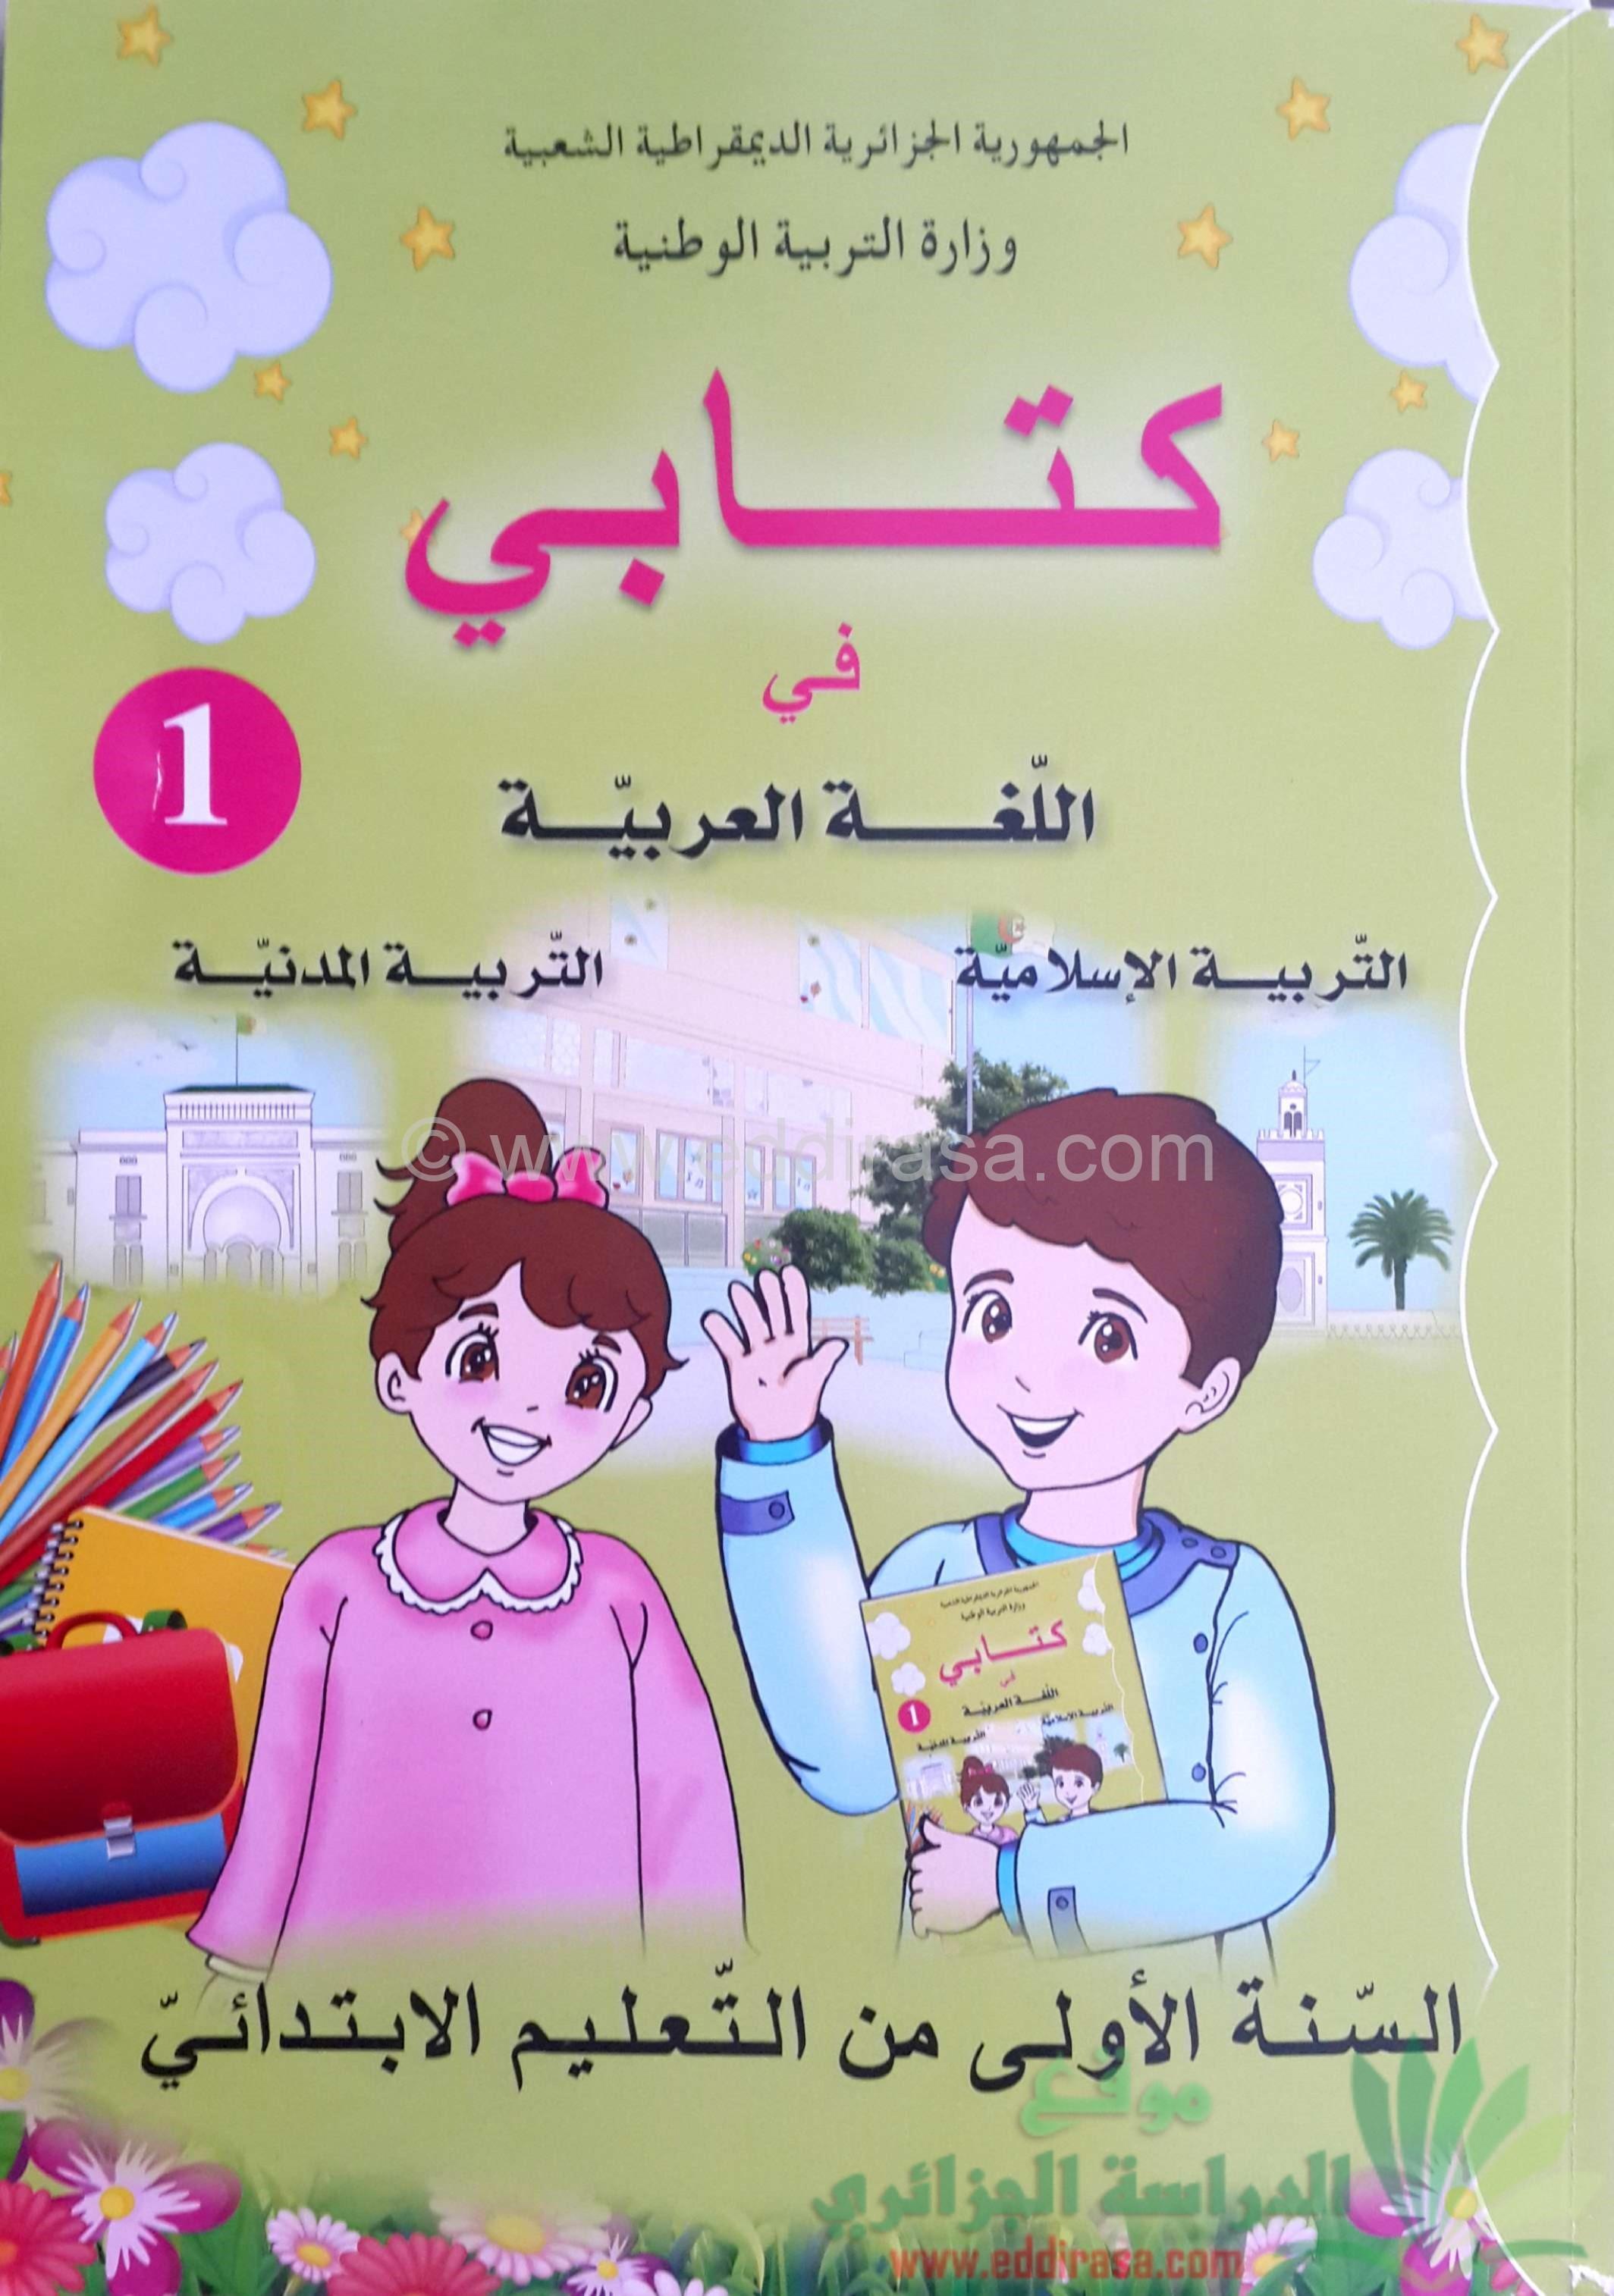 كتاب الرياضيات للسنة 1 متوسط